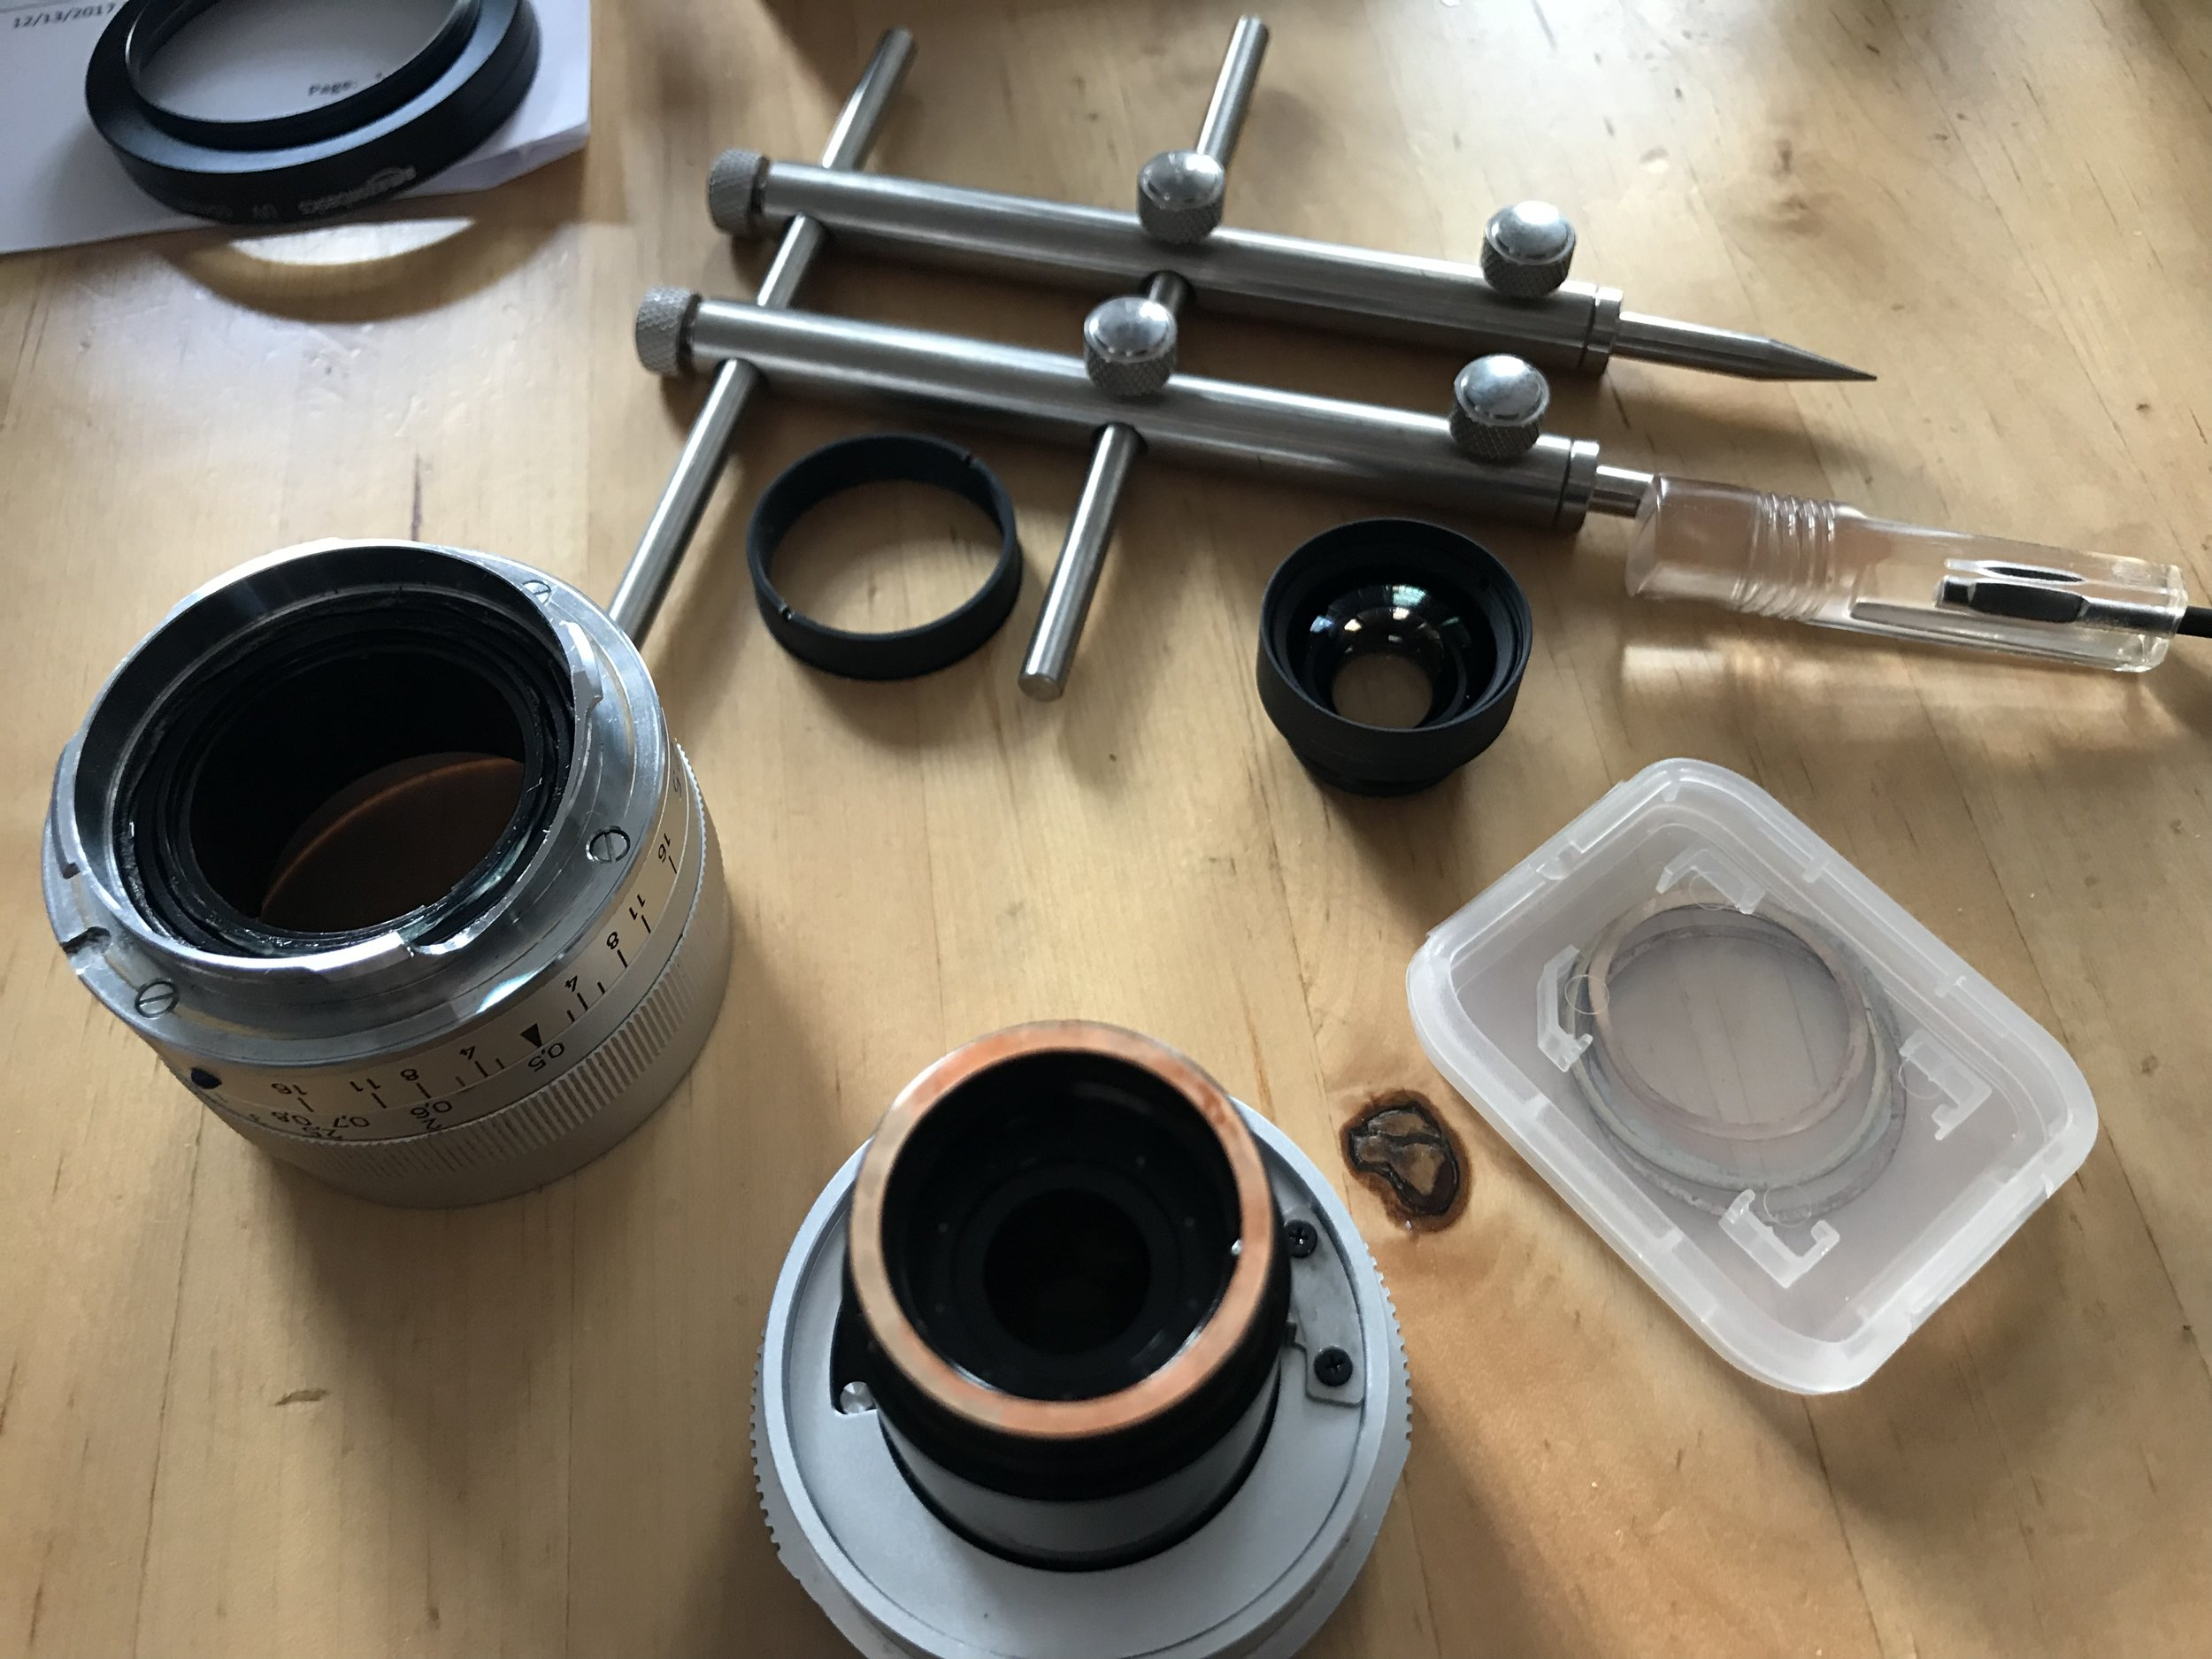 taken apart showing extra shims